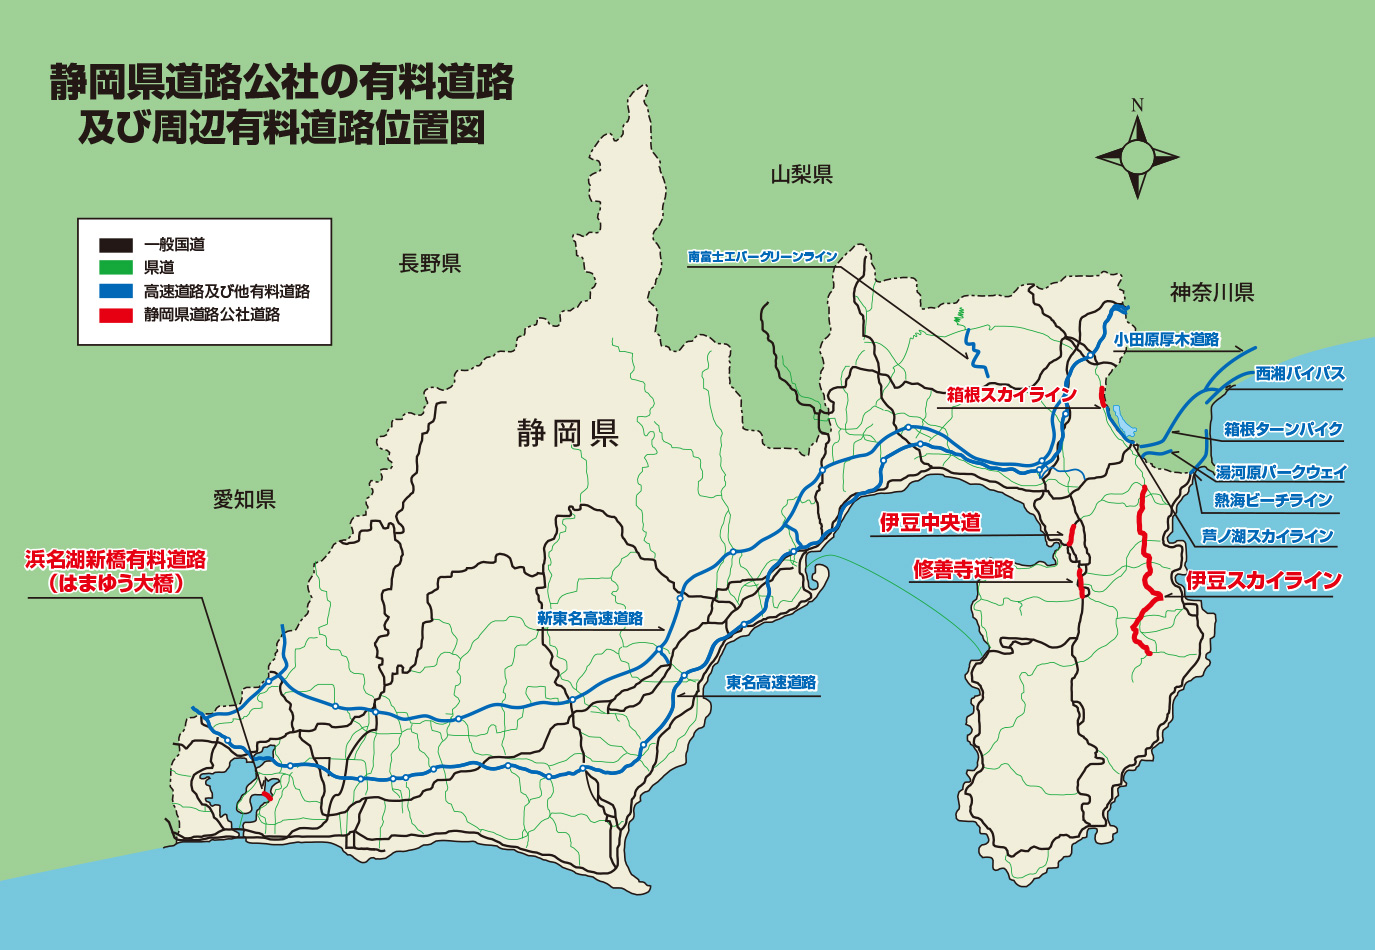 交通 静岡 情報 県